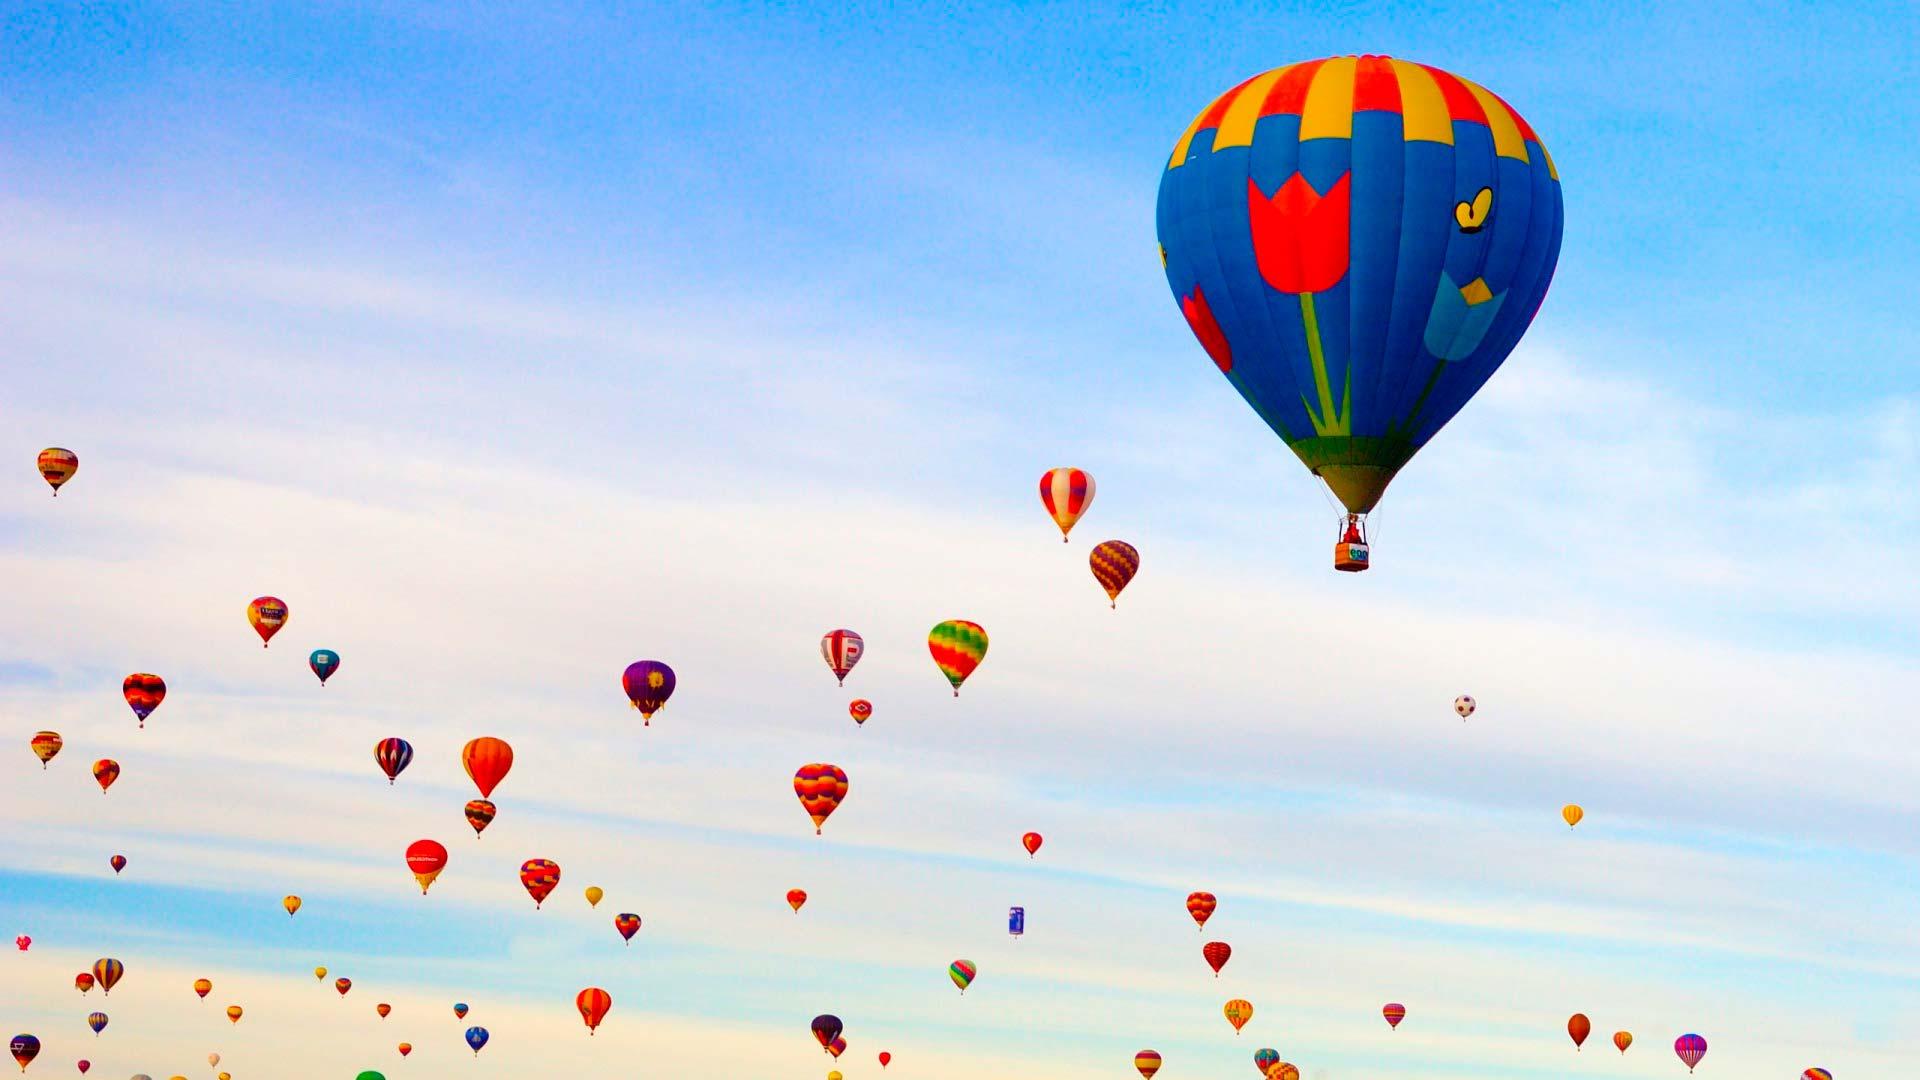 картинки с воздушными шарами в небе очень просто